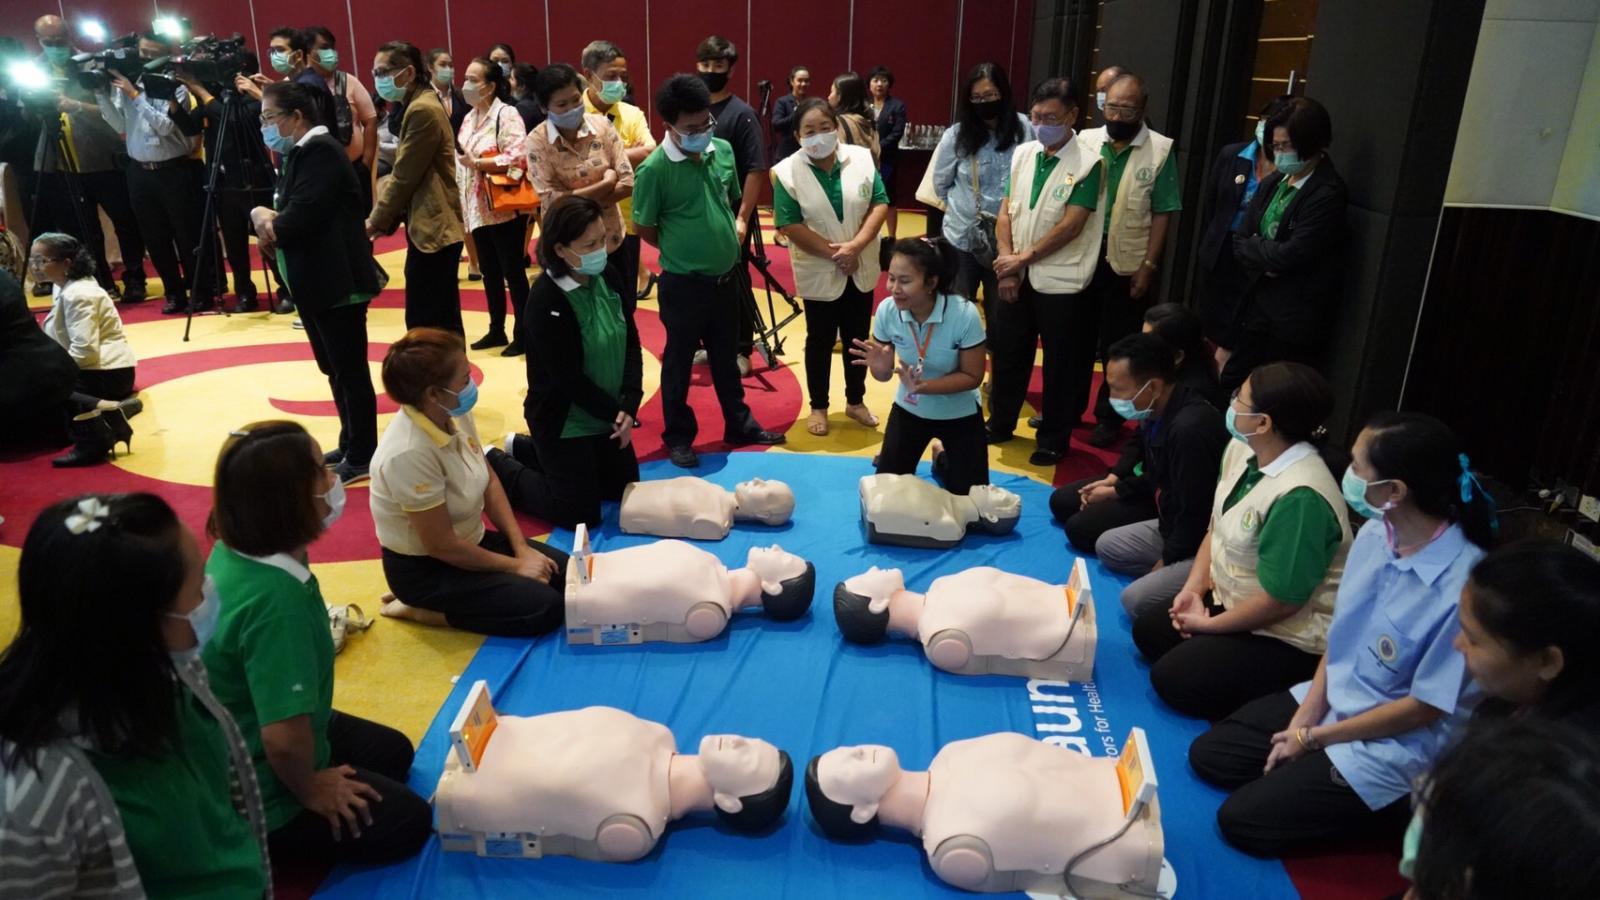 โครงการฝึกอบรมครู ประจำห้องพยาบาล เพิ่มทักษะการกู้ชีพ CPR